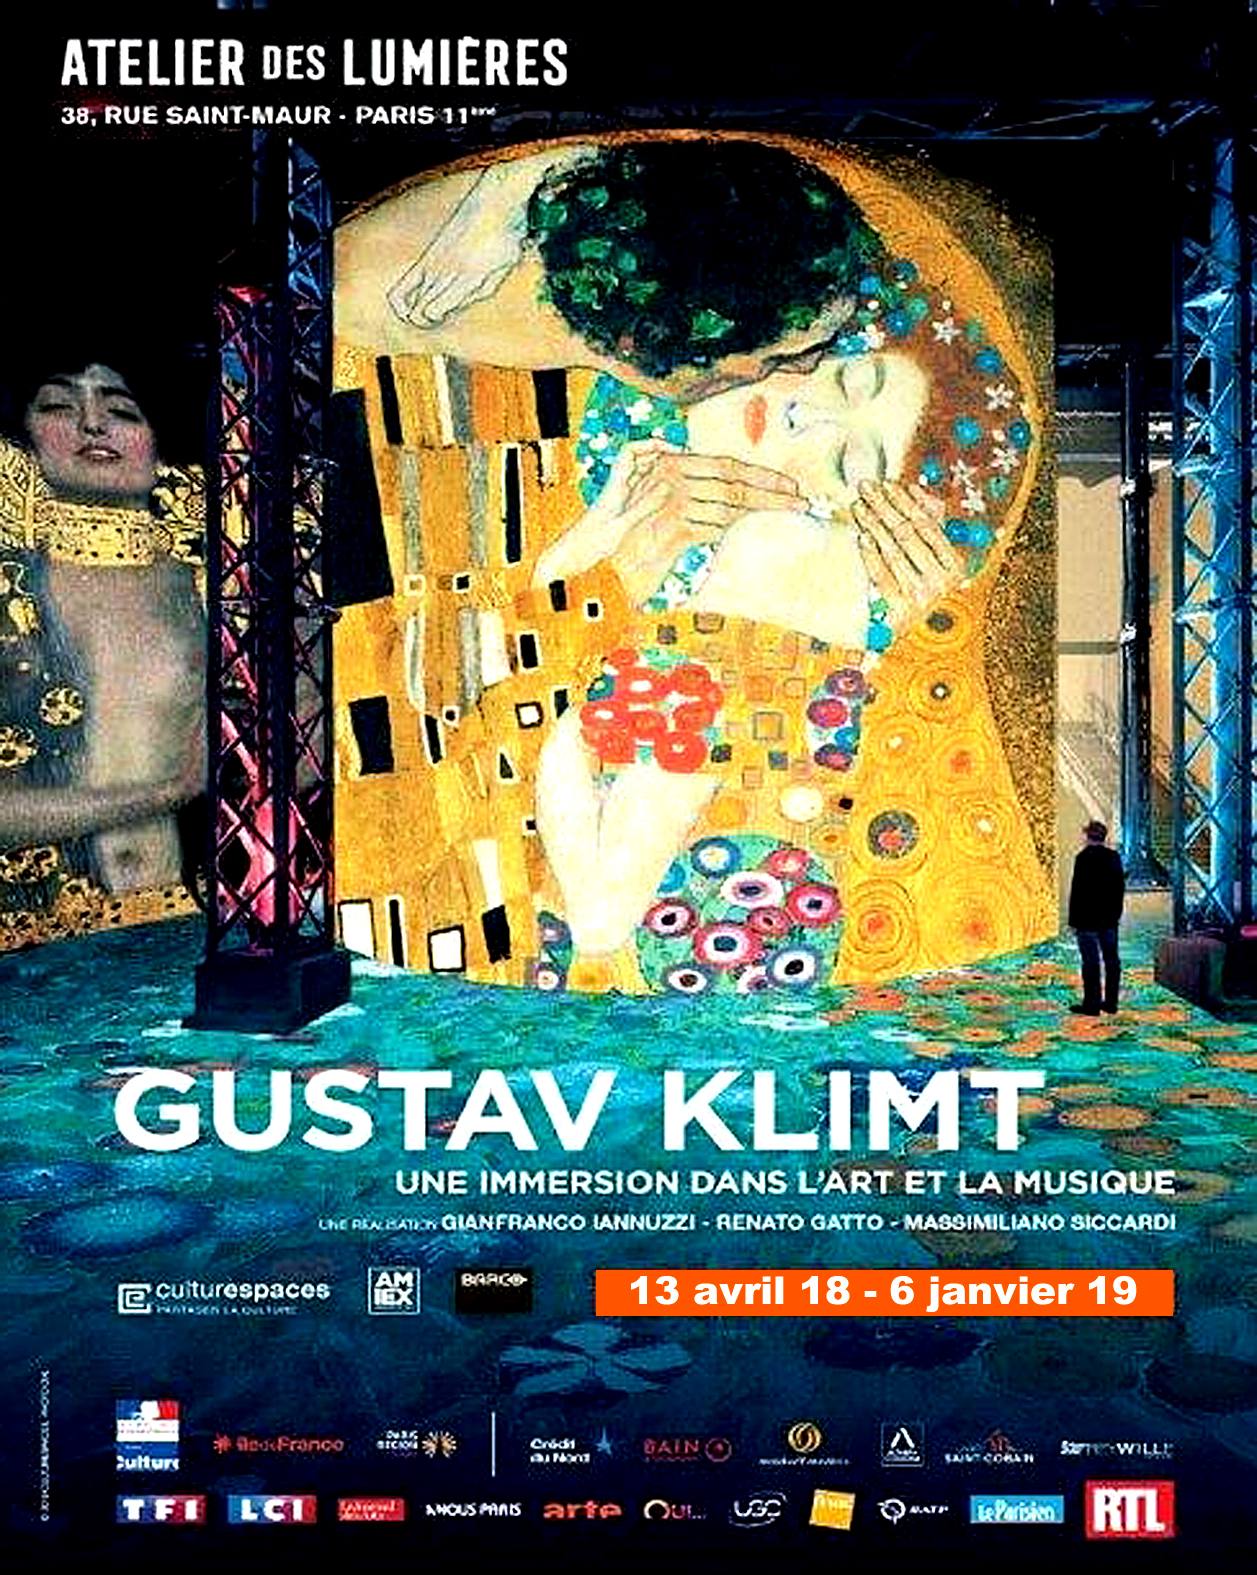 parrcours visuel immersif dans l'oeuvre du peintre Gustav Klimt à l'Atelier des Lumières